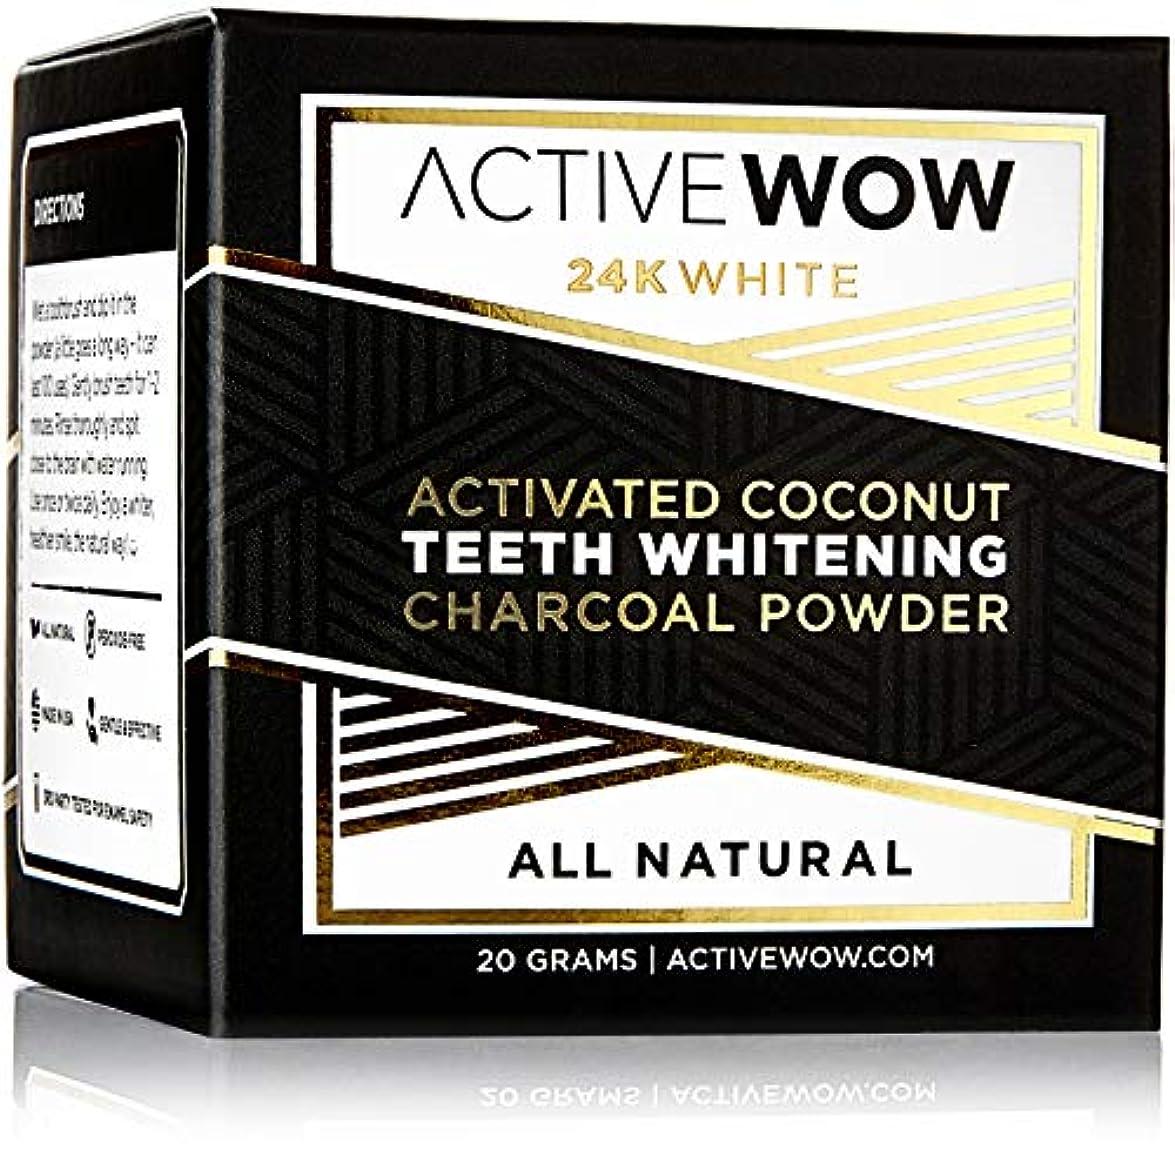 アクティブワオ (Active Wow) 歯のホワイトニングチャコールパウダー [海外直送品] (ナチュラル)